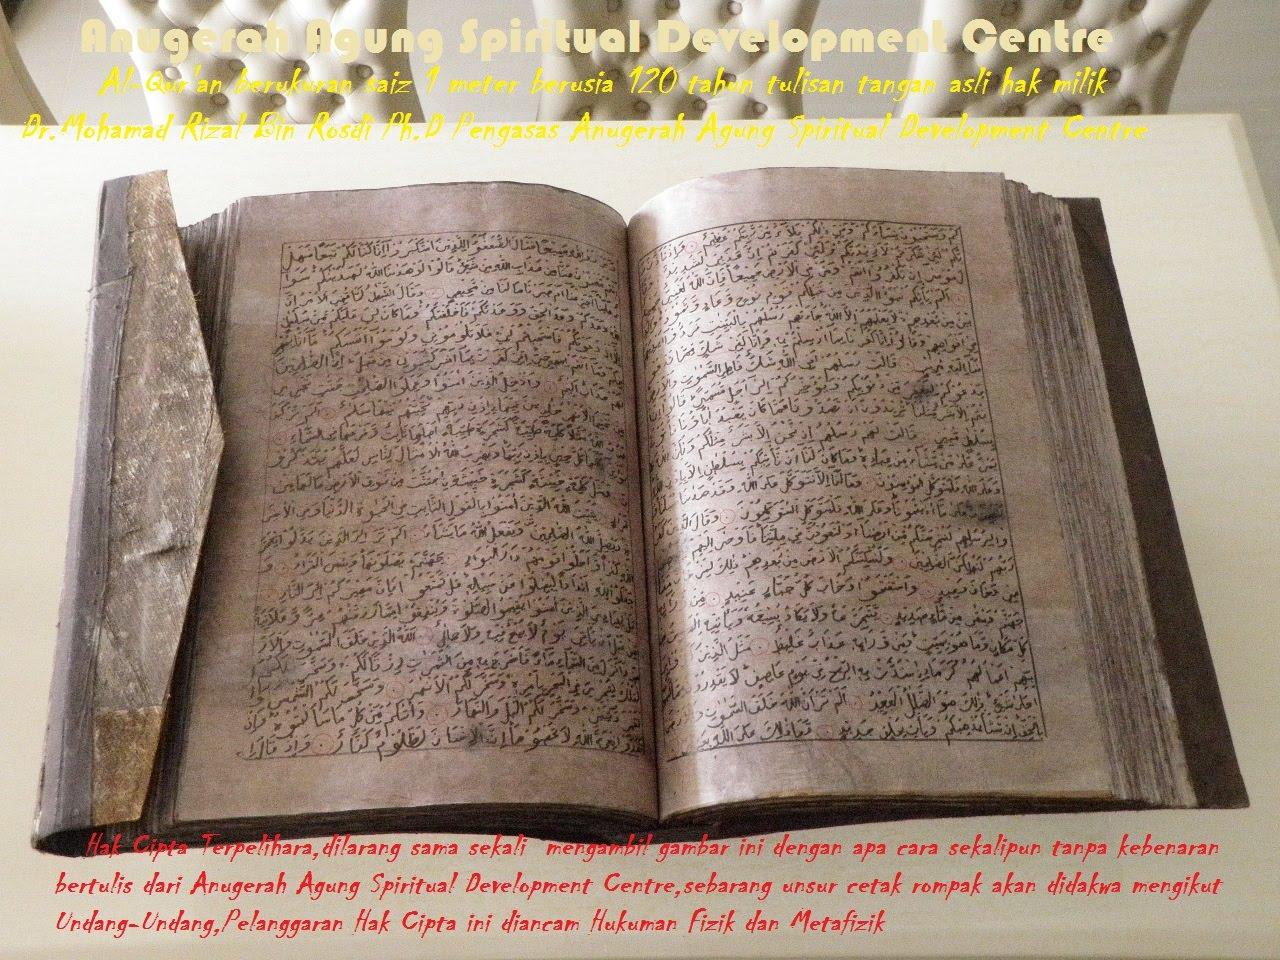 Al-Qur'an Ukuran Saiz 1 Meter berusia 120 Tahun